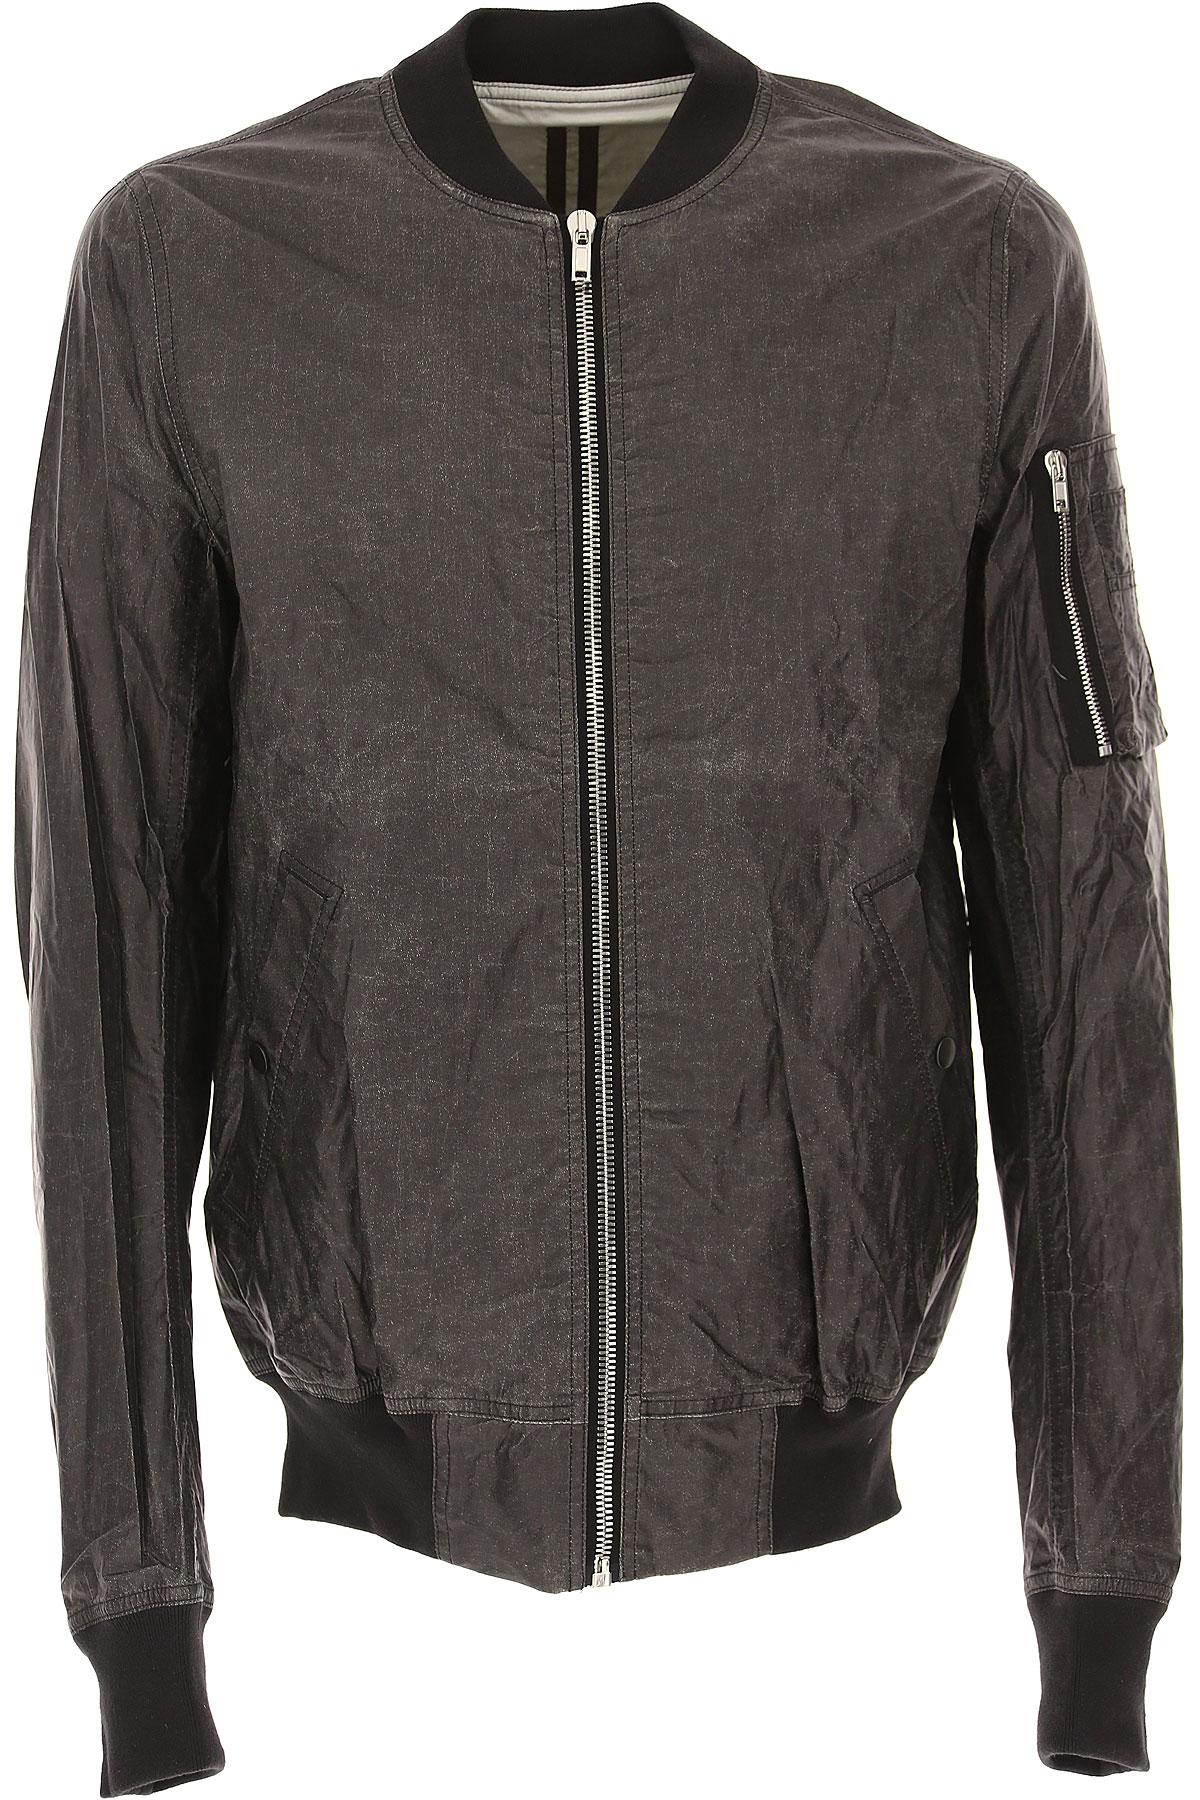 Image of Rick Owens DRKSHDW Jacket for Men On Sale in Outlet, Black, Cotton, 2017, L M S